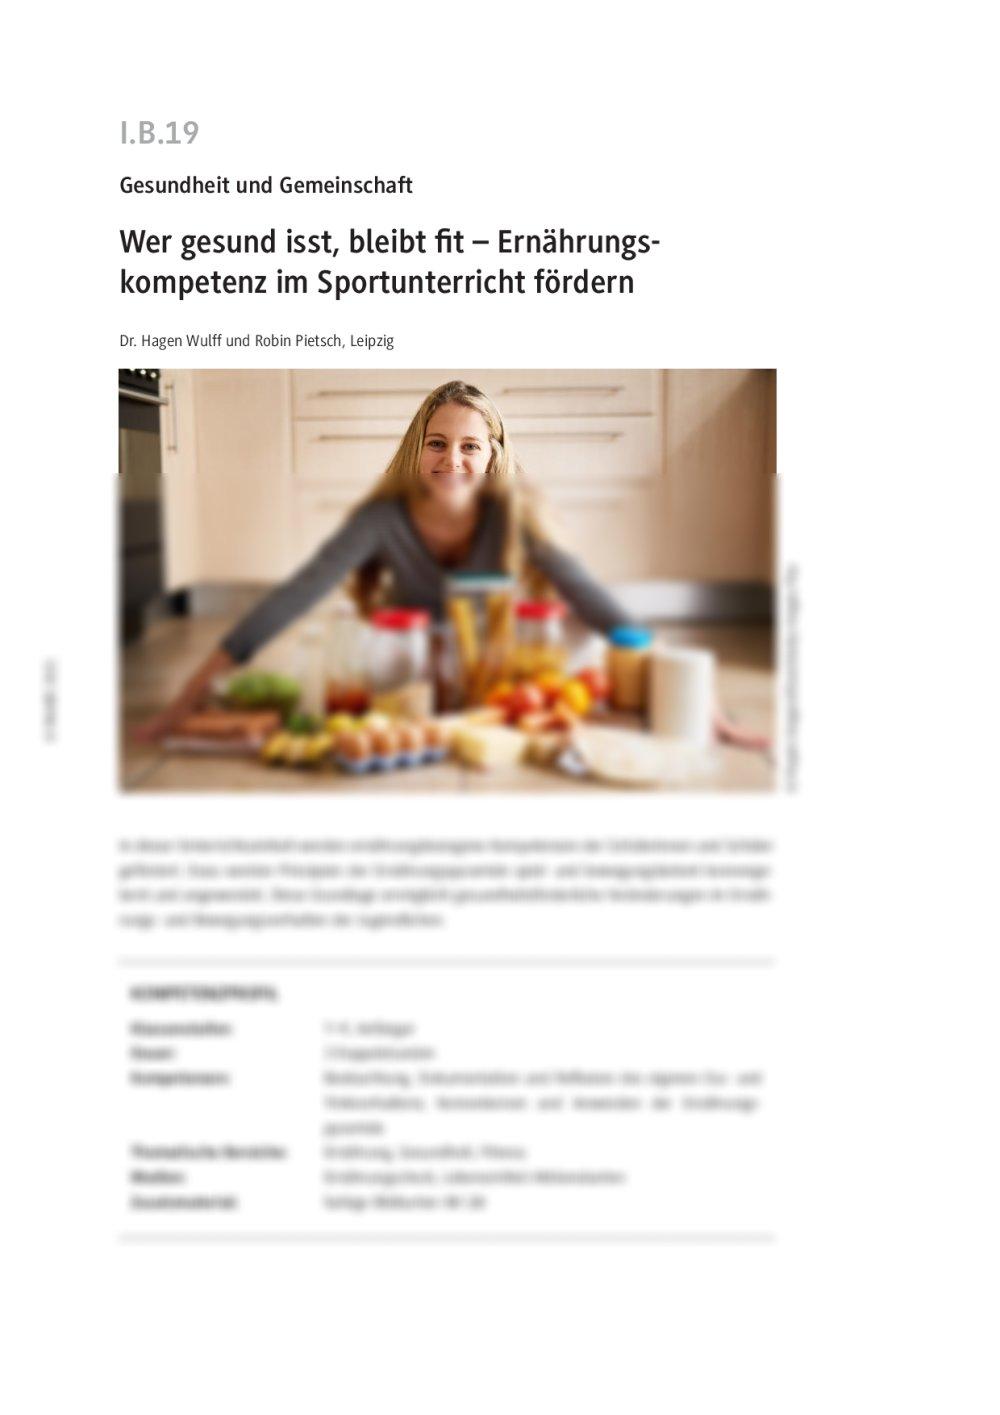 Ernährungskompetenz im Sportunterricht fördern - Seite 1